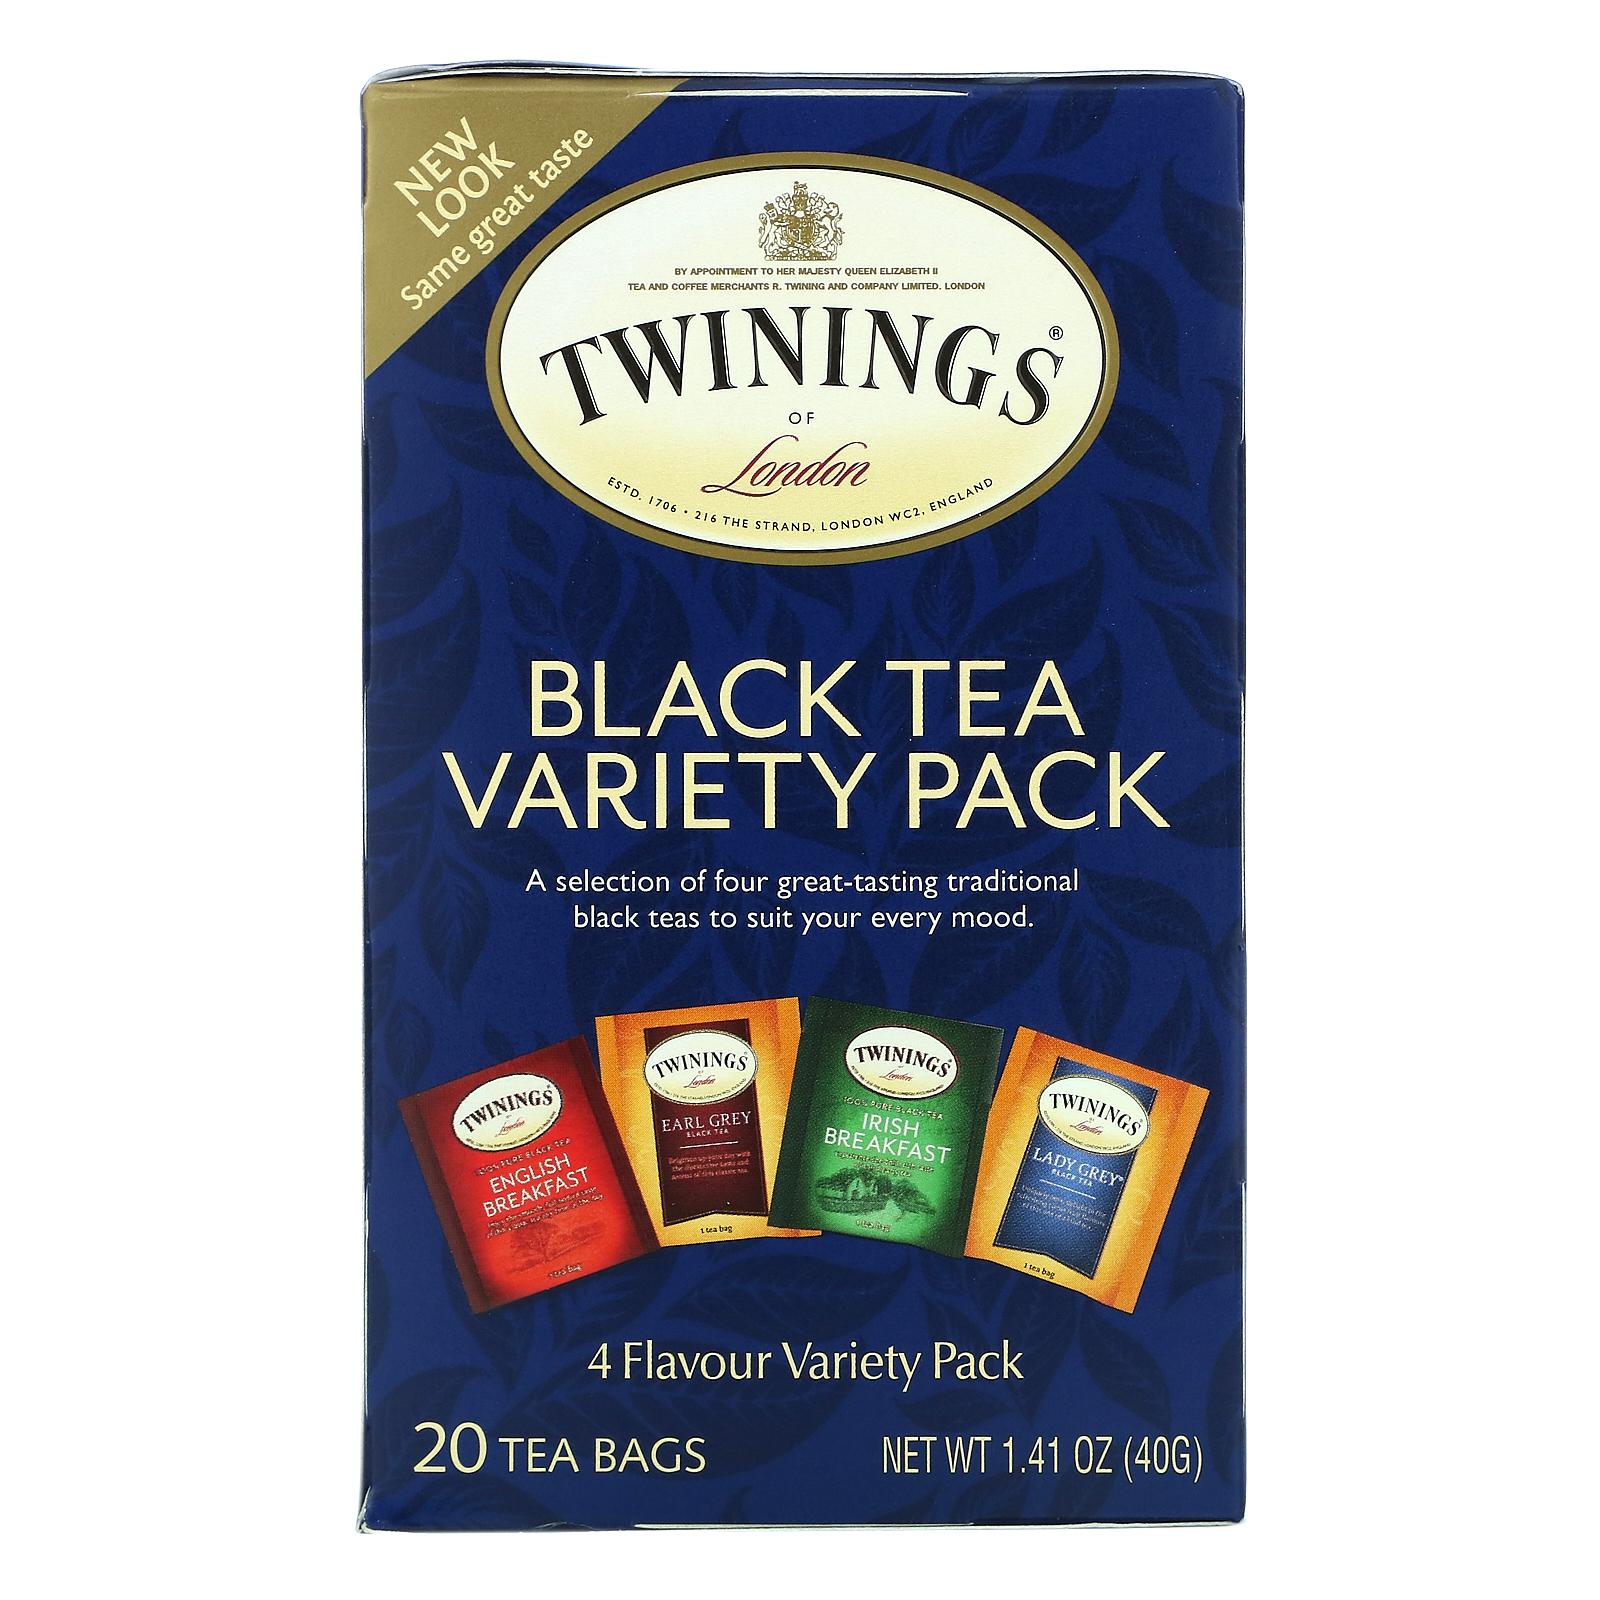 شاي القراص اي هيرب شاي التخسيس اي هيرب شاي أخضر اي هيرب شاي منوم من اي هيرب طلب شاي bio3 شاي هيبافار شاي سينشا